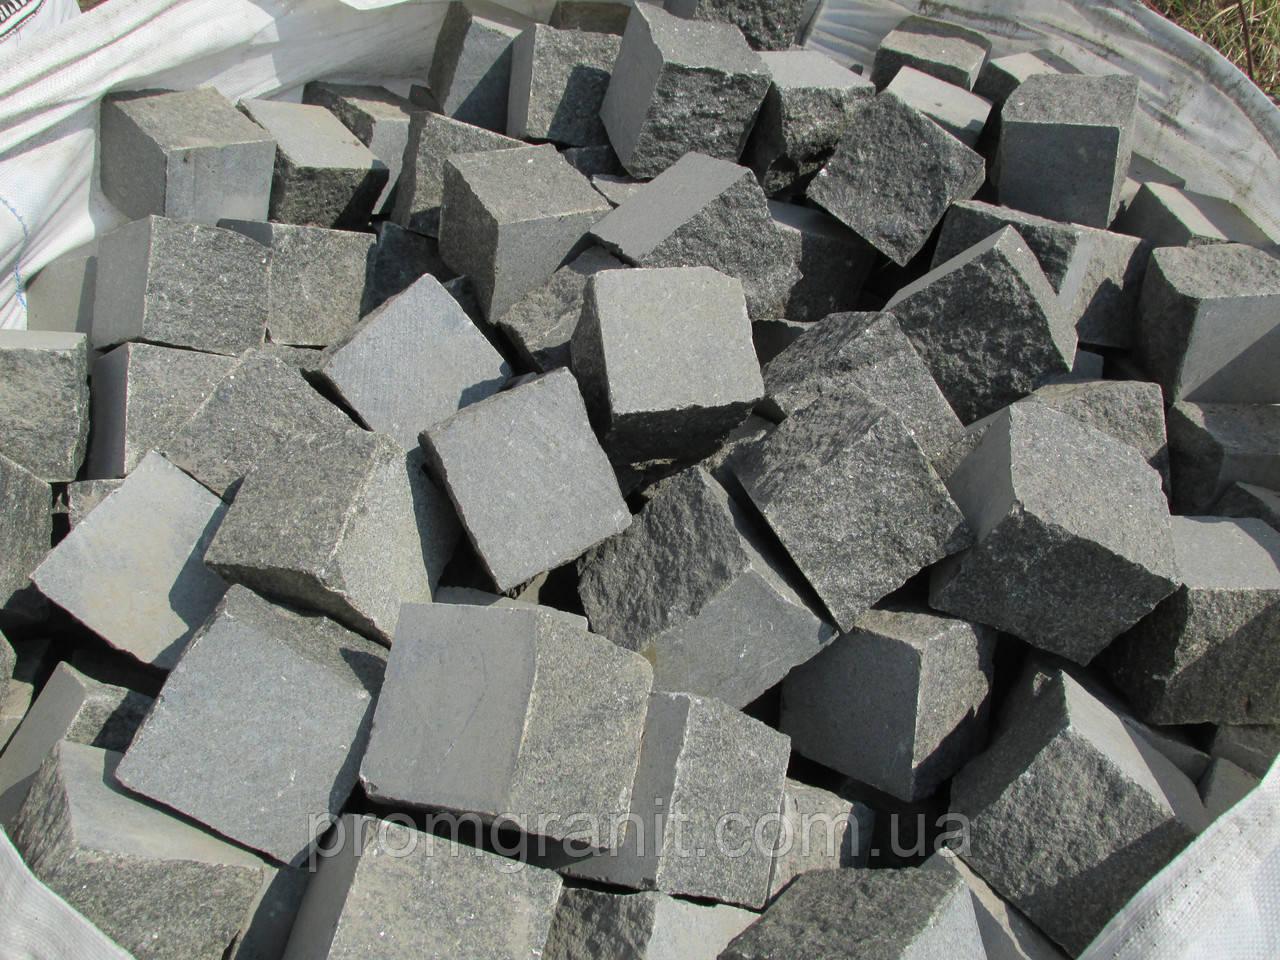 Кубик гранитный для столбиков 10*10*10